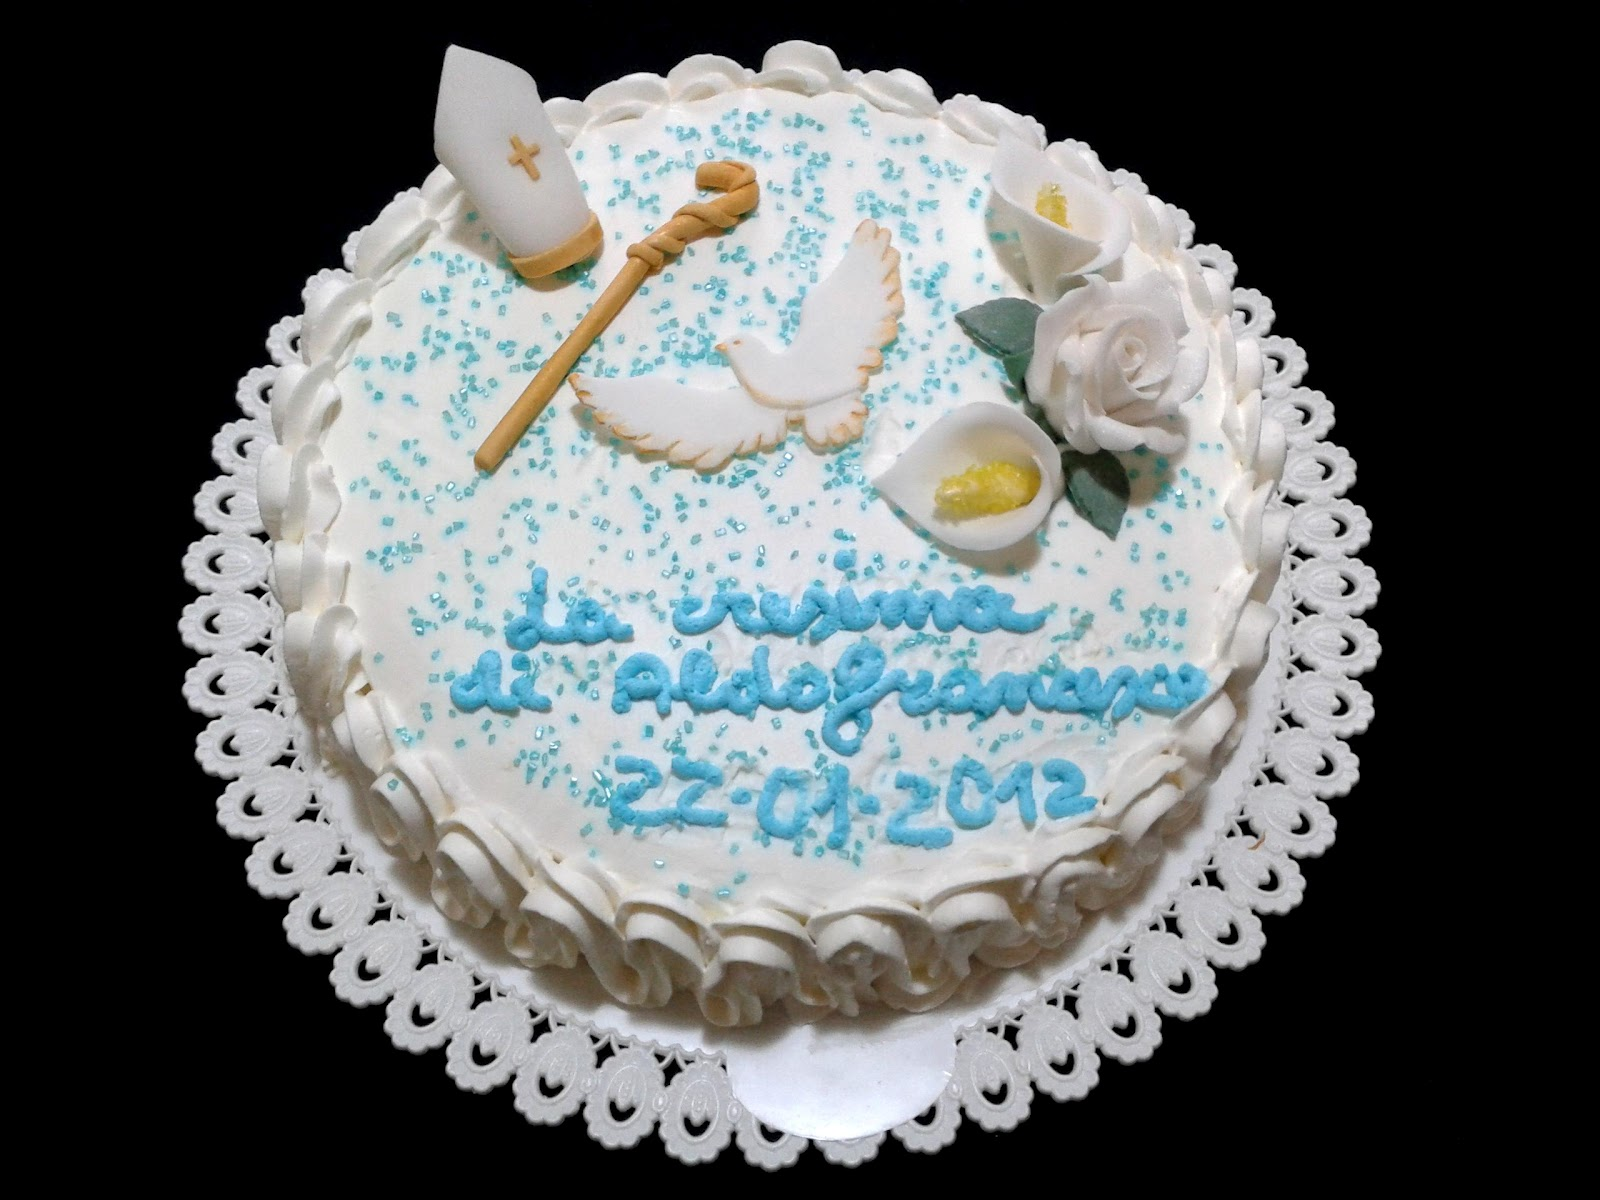 Alessandra e i suoi dolci torta cresima for Decorazioni torte per cresima